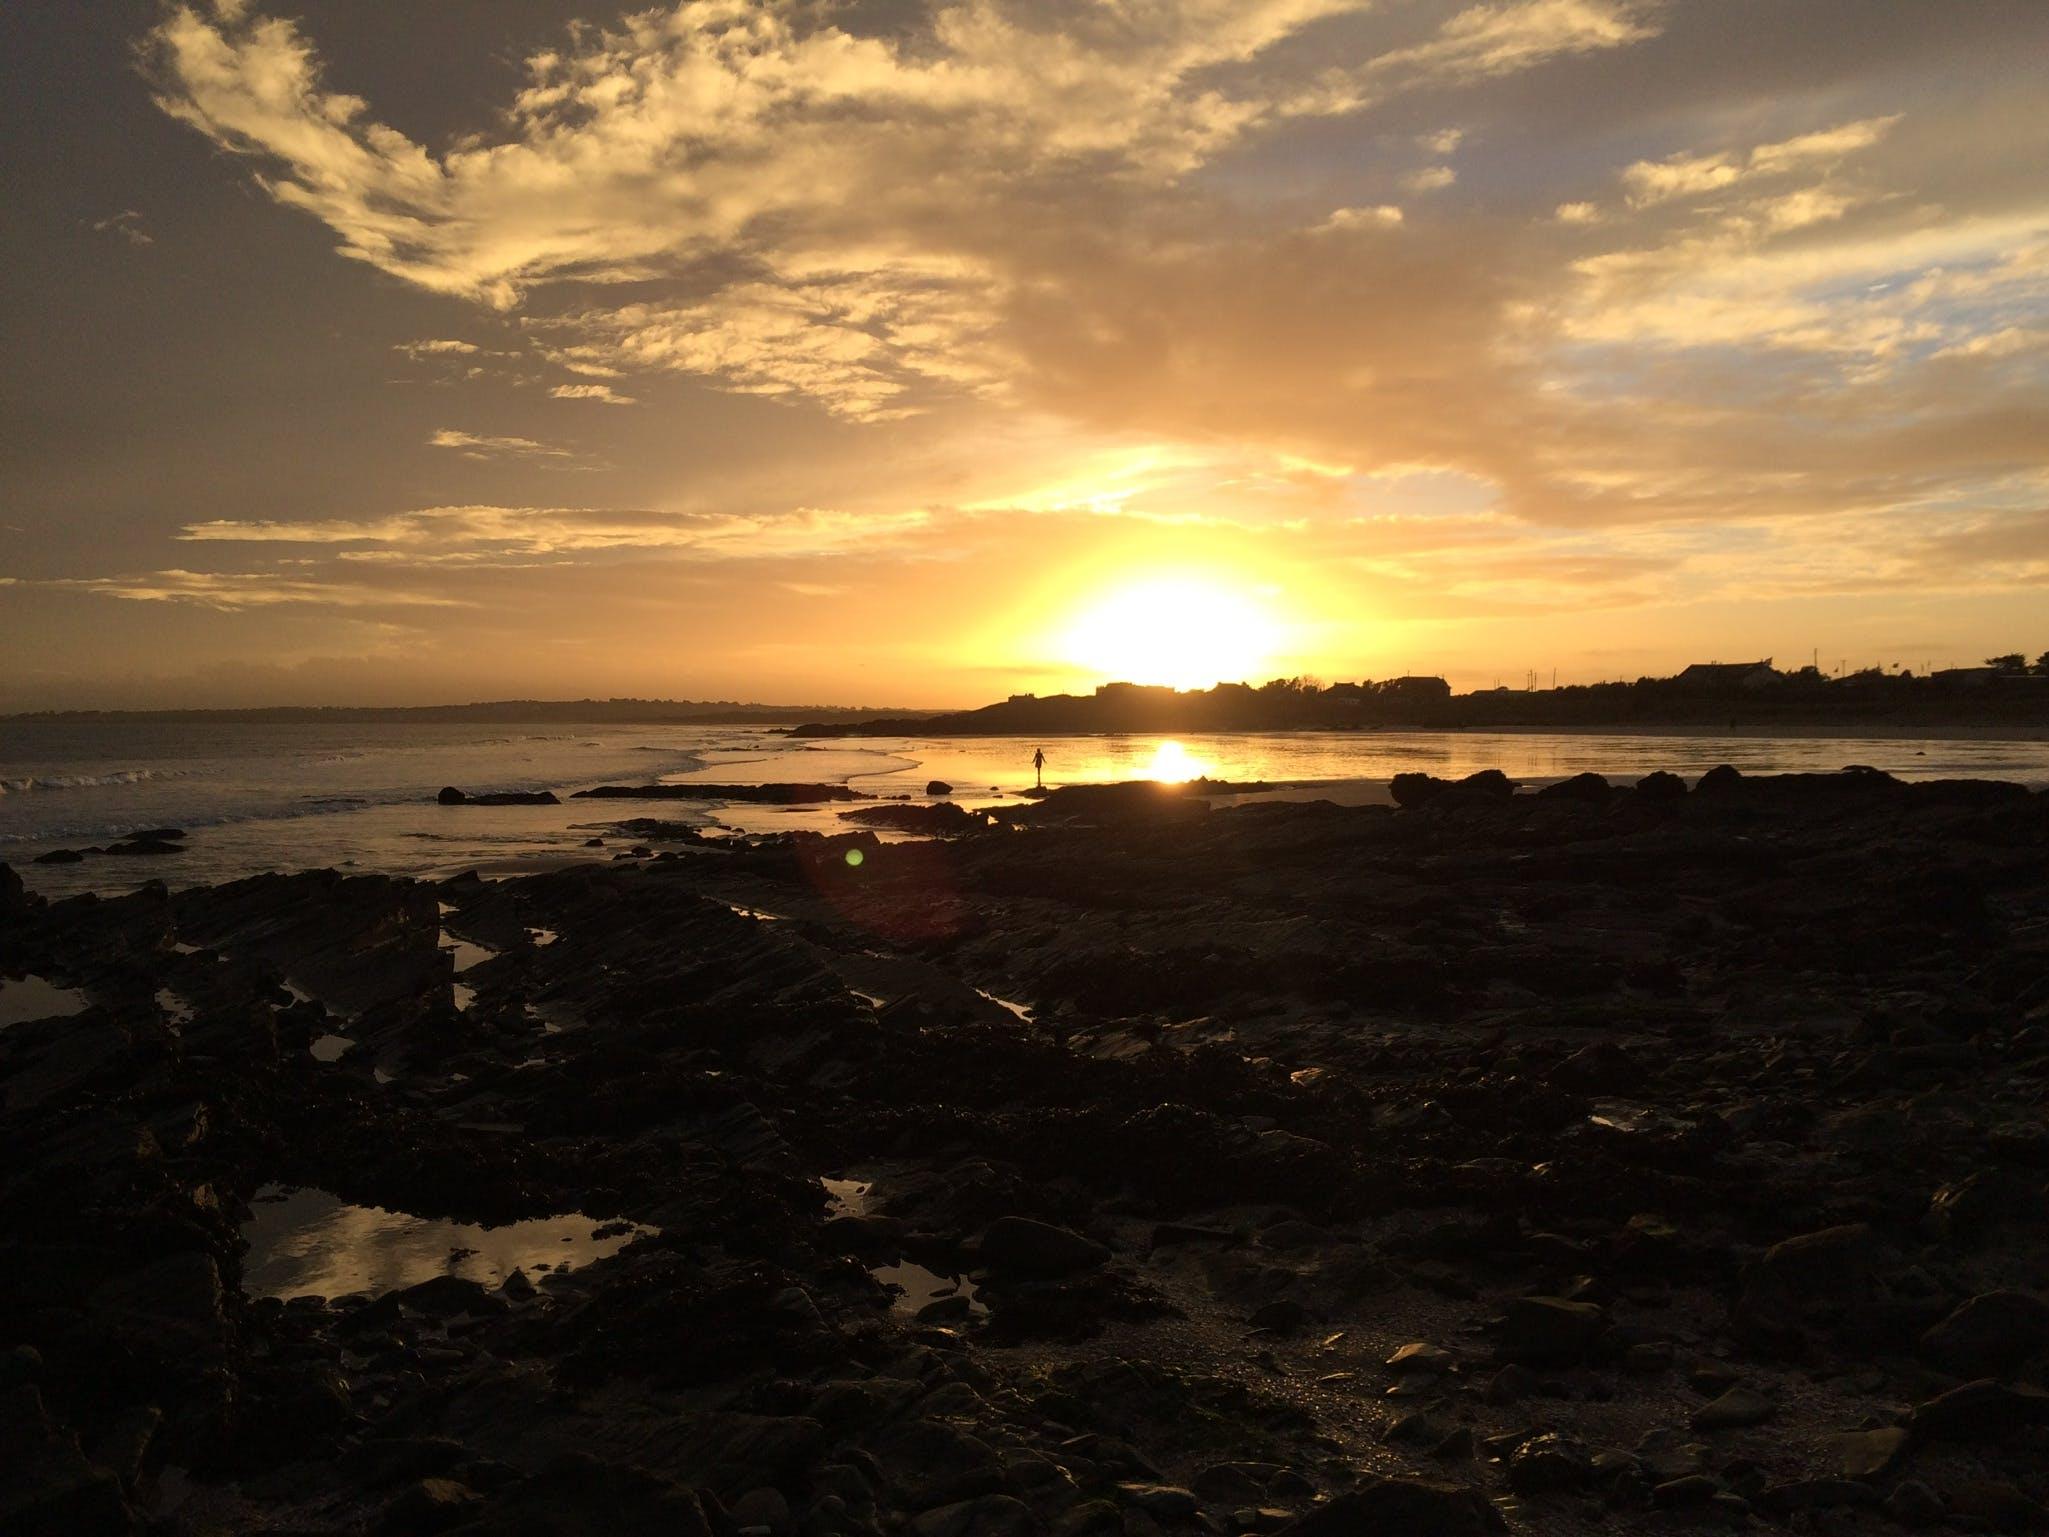 Free stock photo of sunset, beach